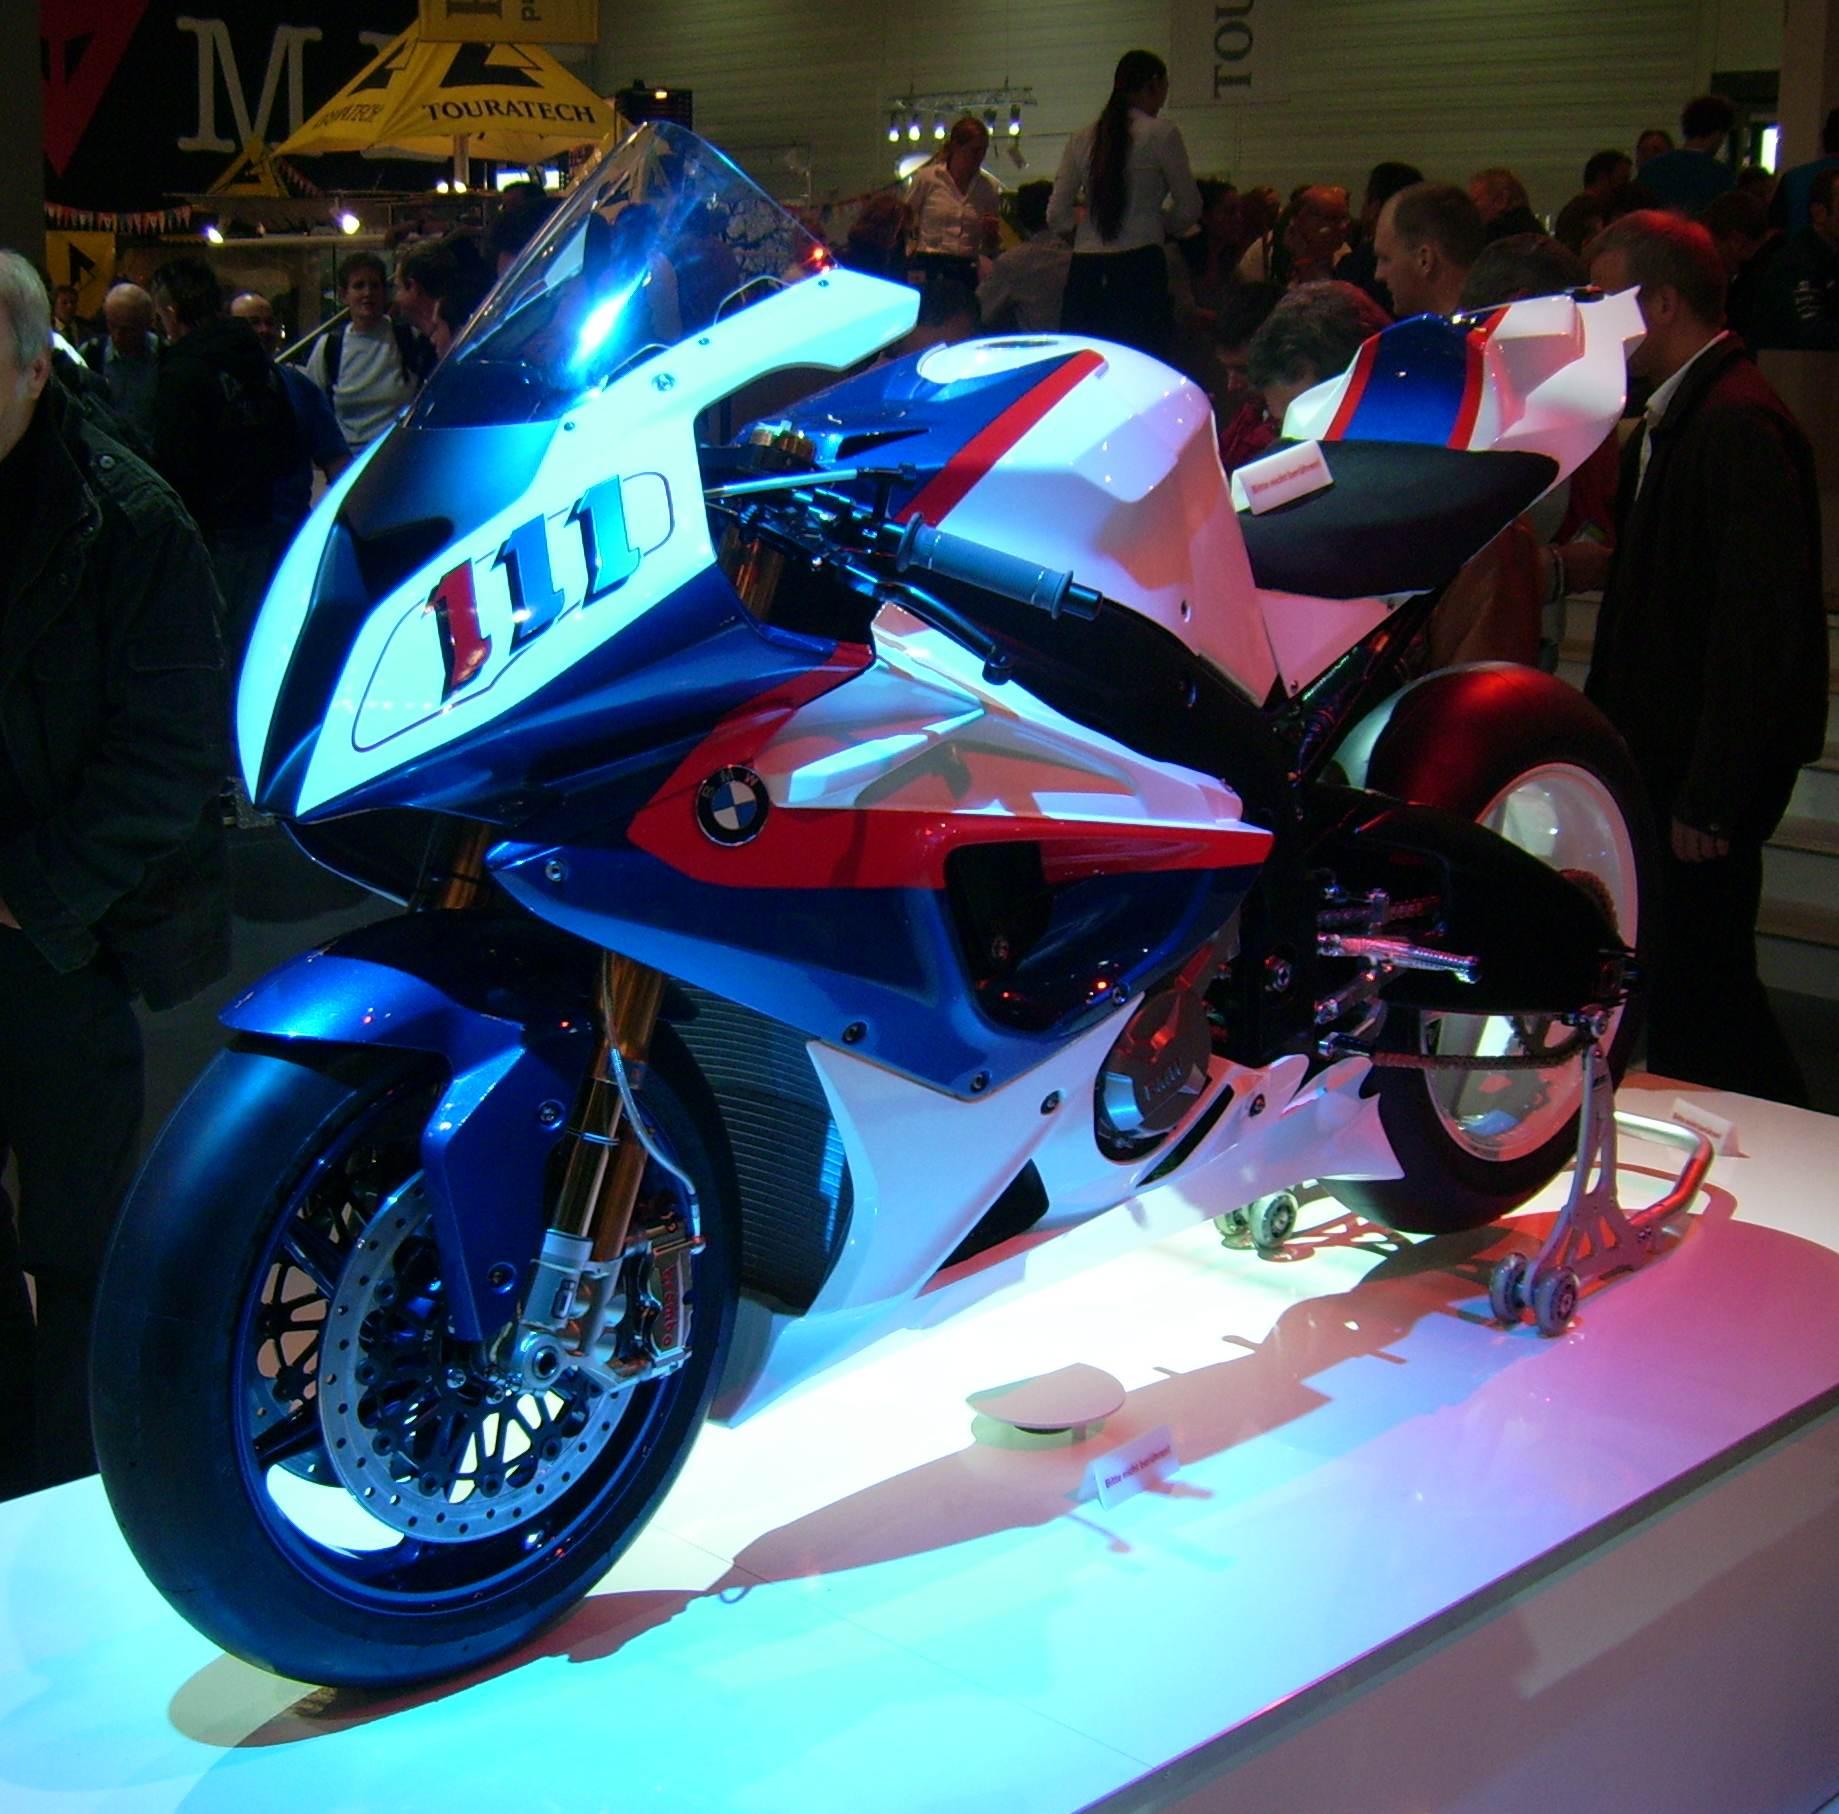 BMW S 1000 RR   Motorrad-Wiki   FANDOM powered by Wikia